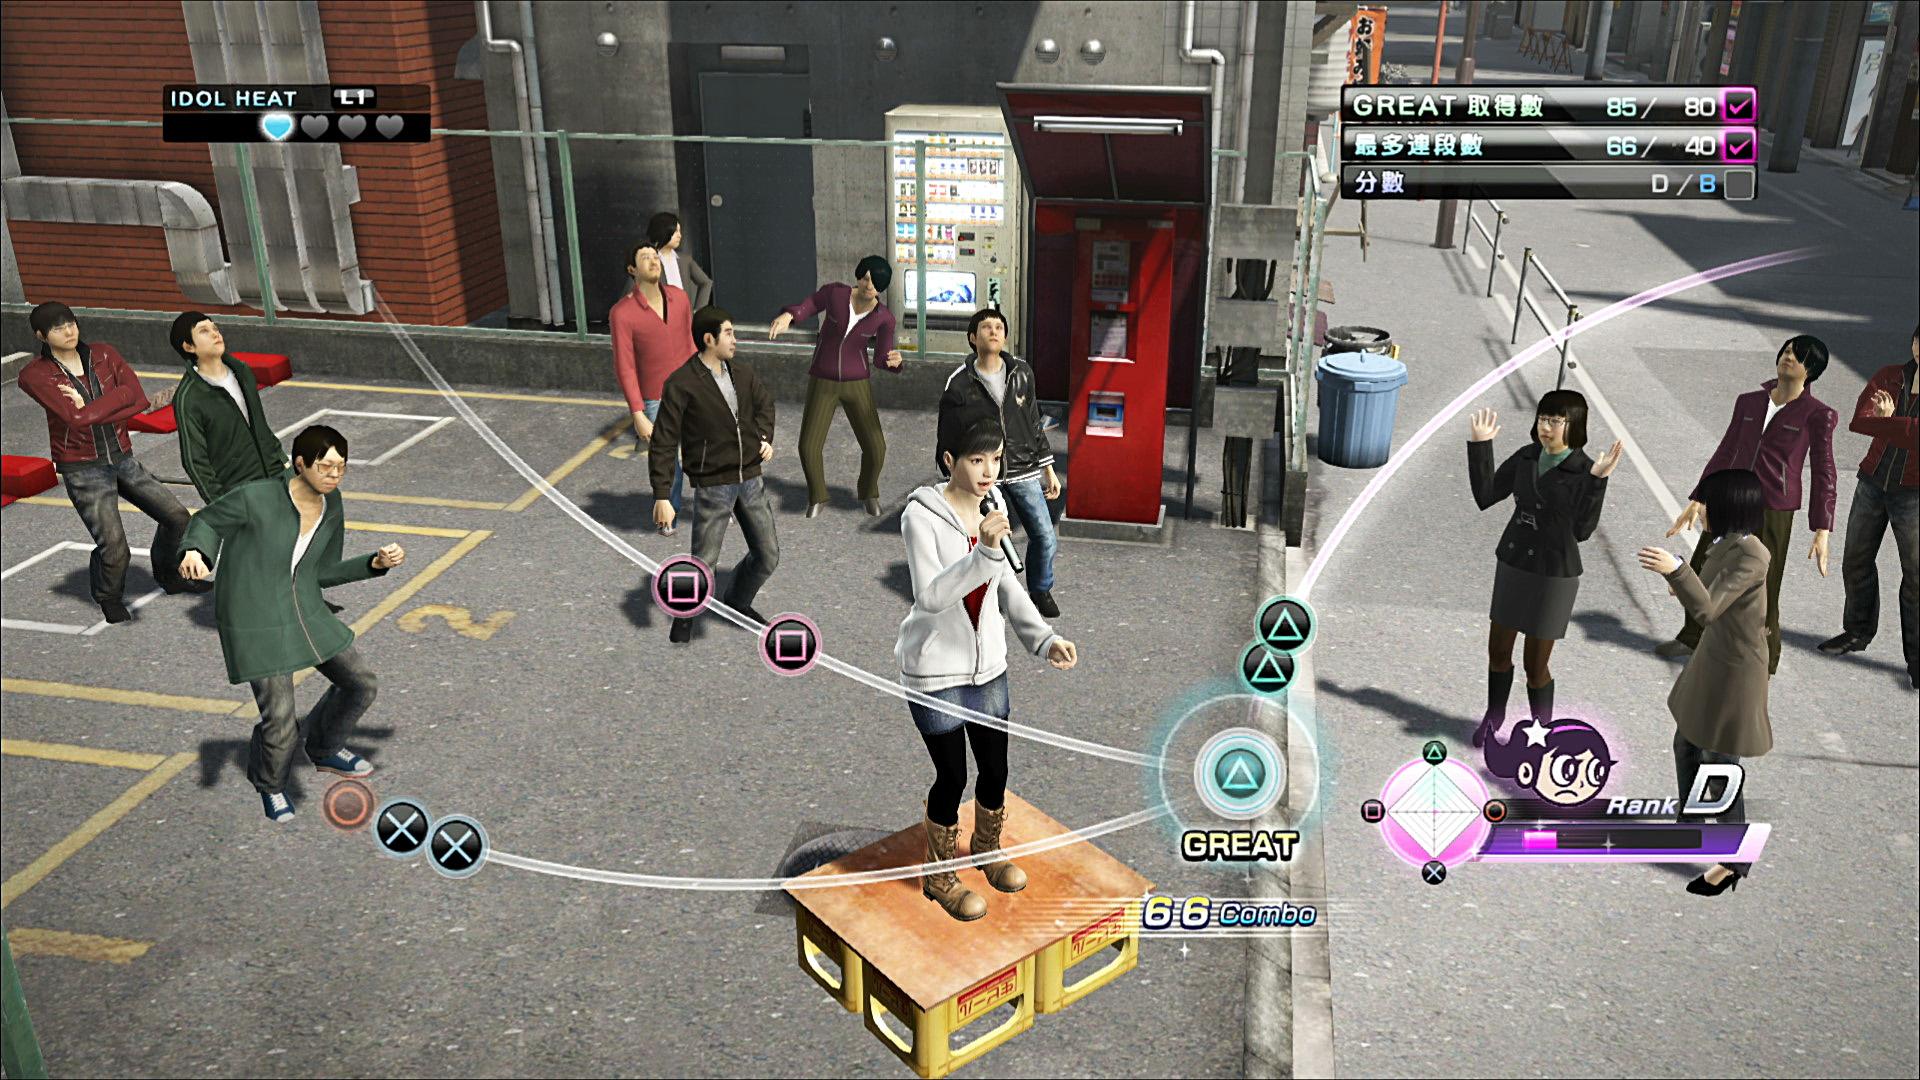 『人中之龍5 實現夢想者』注目的新要素 透過劇情和小遊戲描寫主角們生活的「額外篇章」 15_zh10